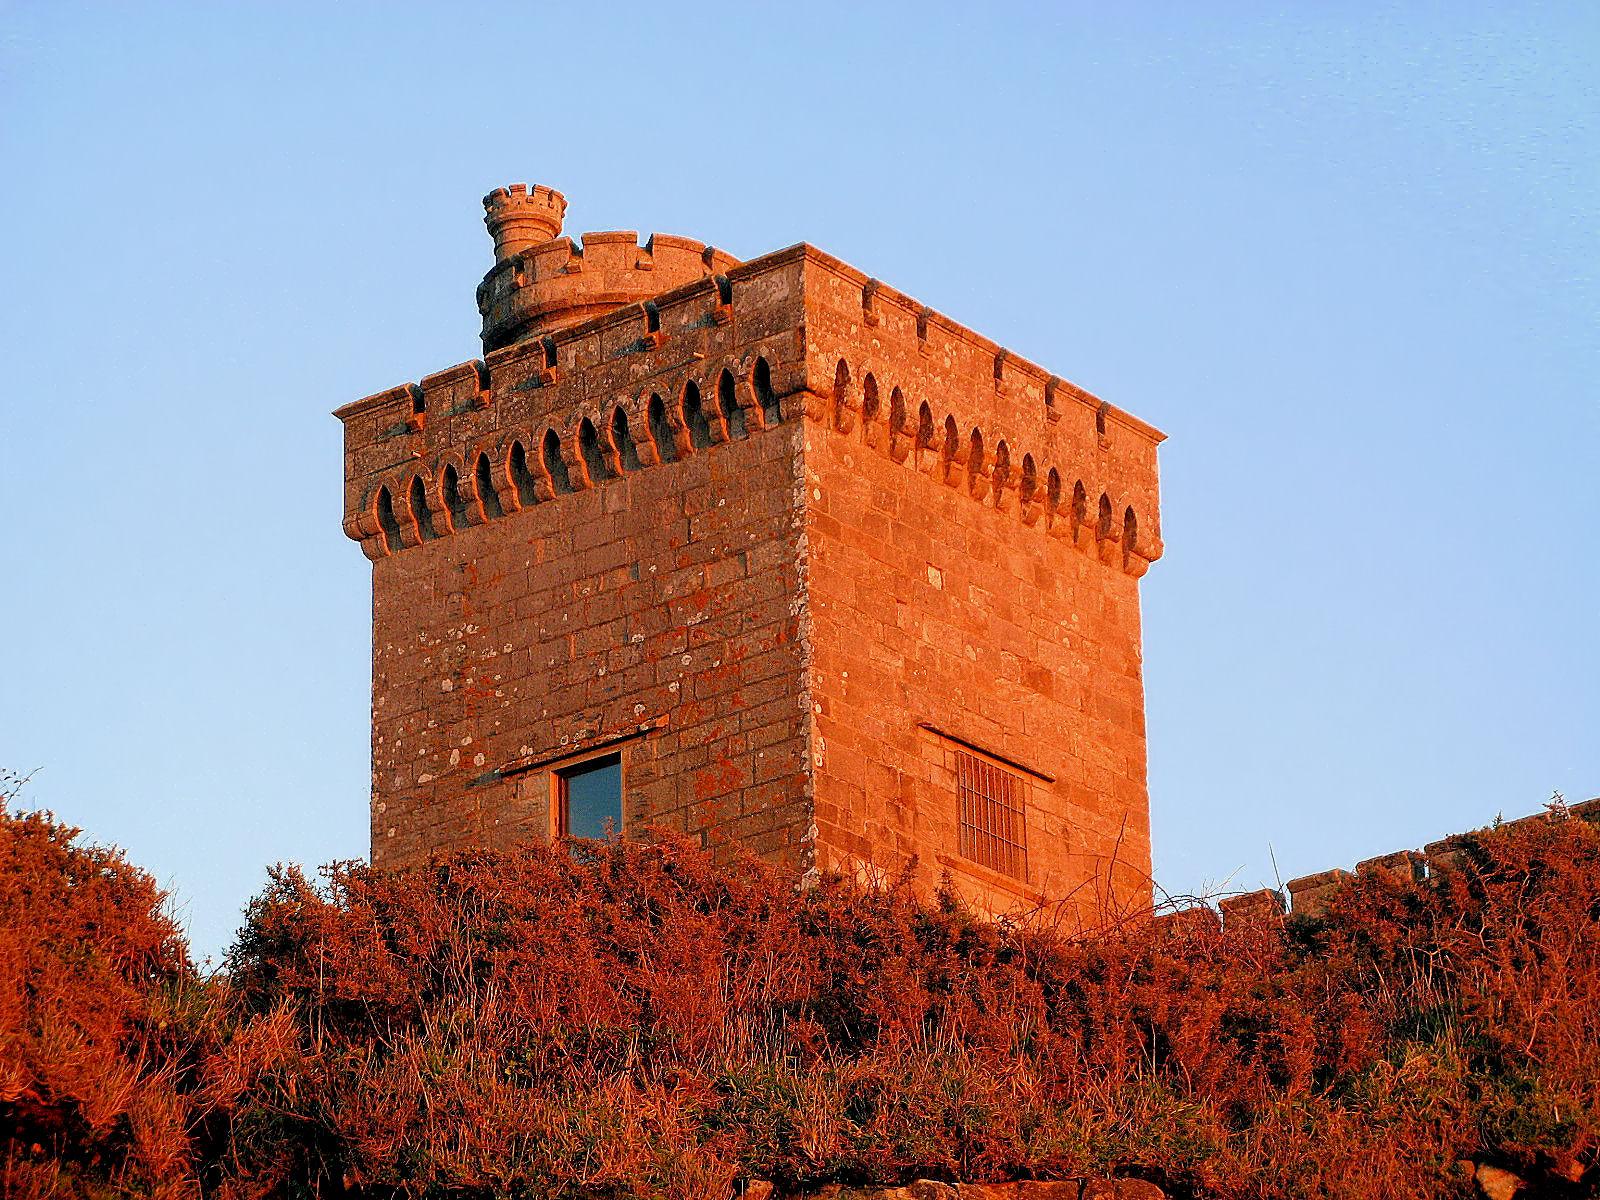 Foto playa Concheira. Torre do Príncipe, no Monte do Boi (Baiona, Galiza), assim chamada por no séc. XII ter albergado um ilustre prisioneiro, o príncipe D. Afonso Henriques